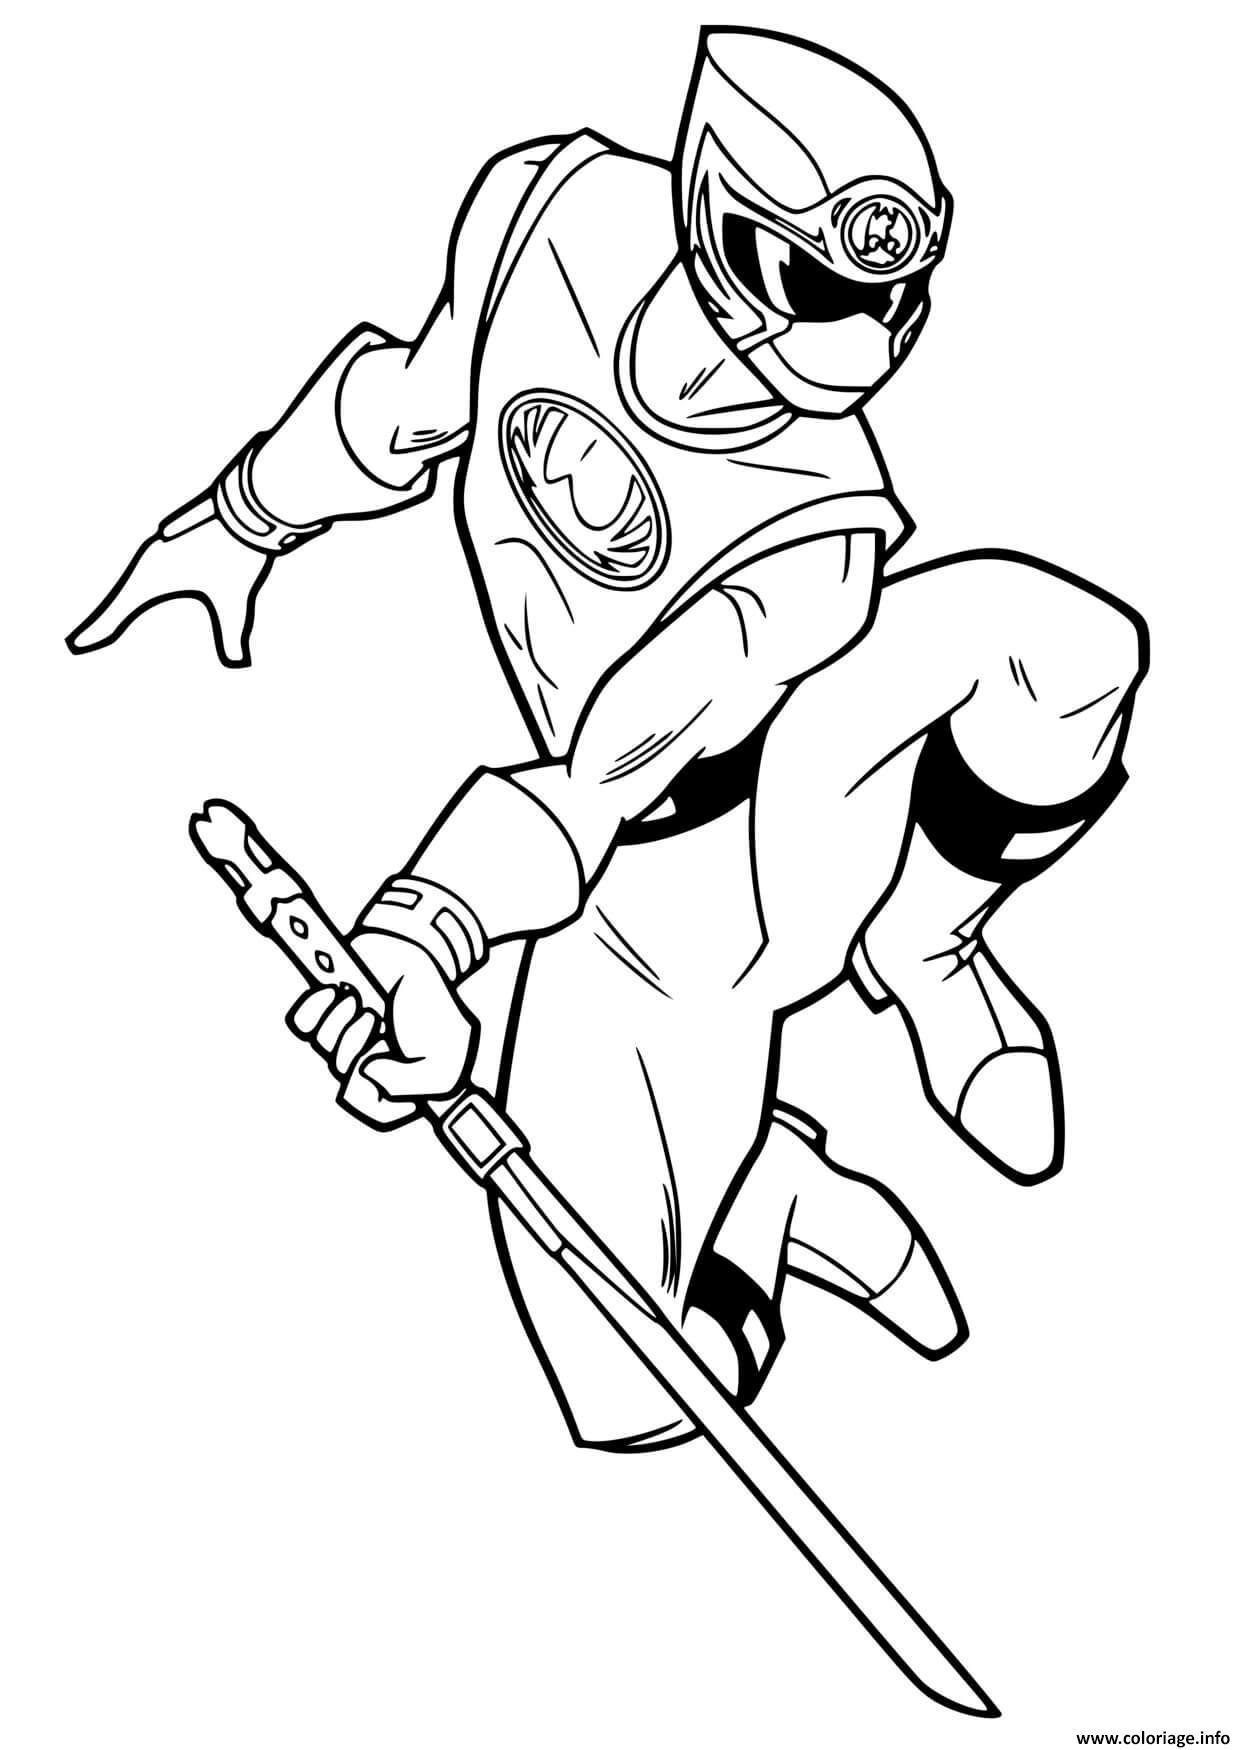 Dessin power rangers ninja Coloriage Gratuit à Imprimer